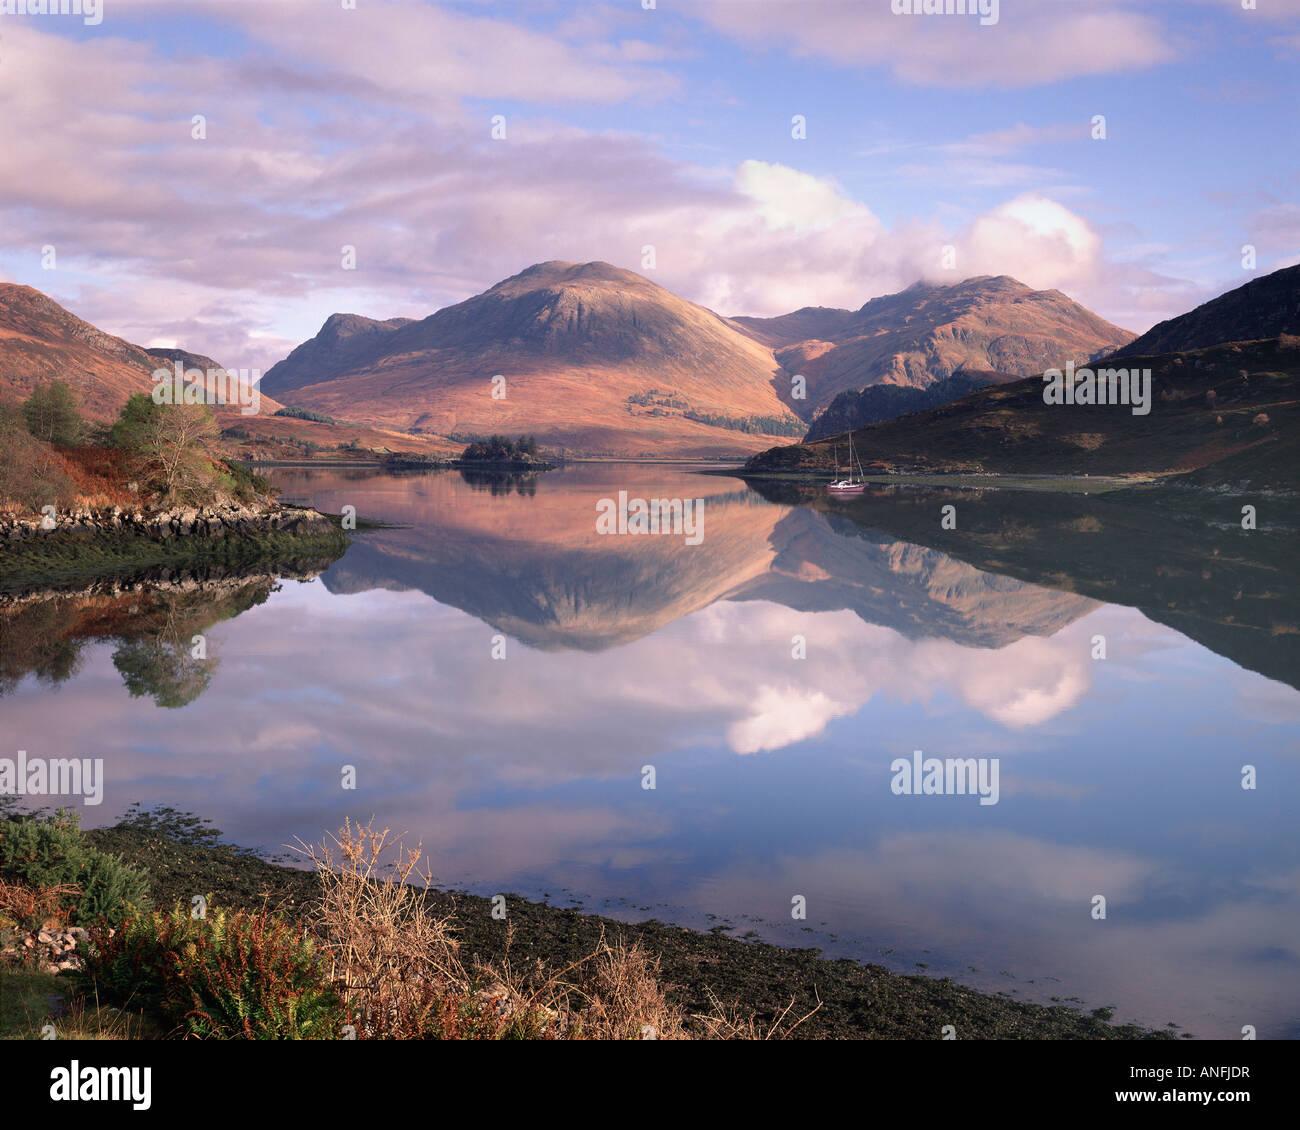 GB - Scozia: serata al Loch Long Immagini Stock